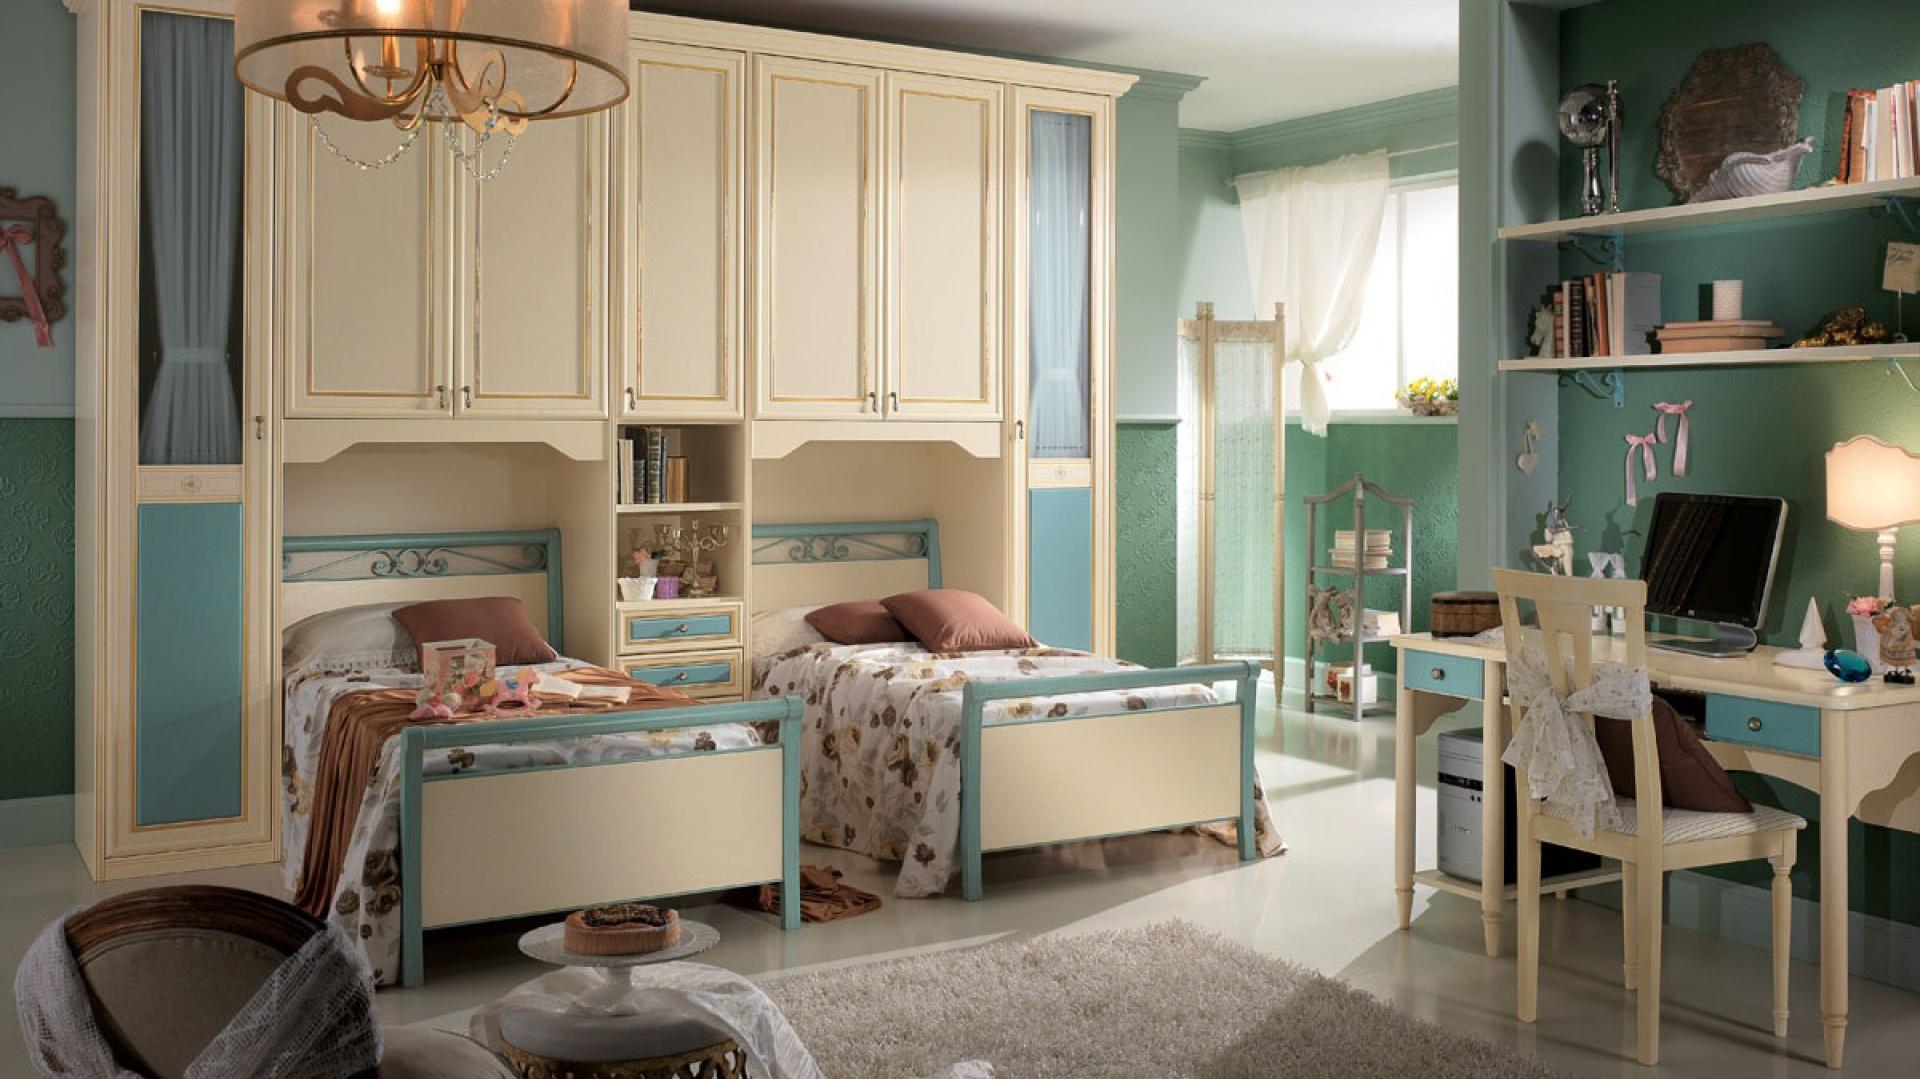 Ustawiamy łóżka Dla Jednego Dwójki I Trójki Dzieci